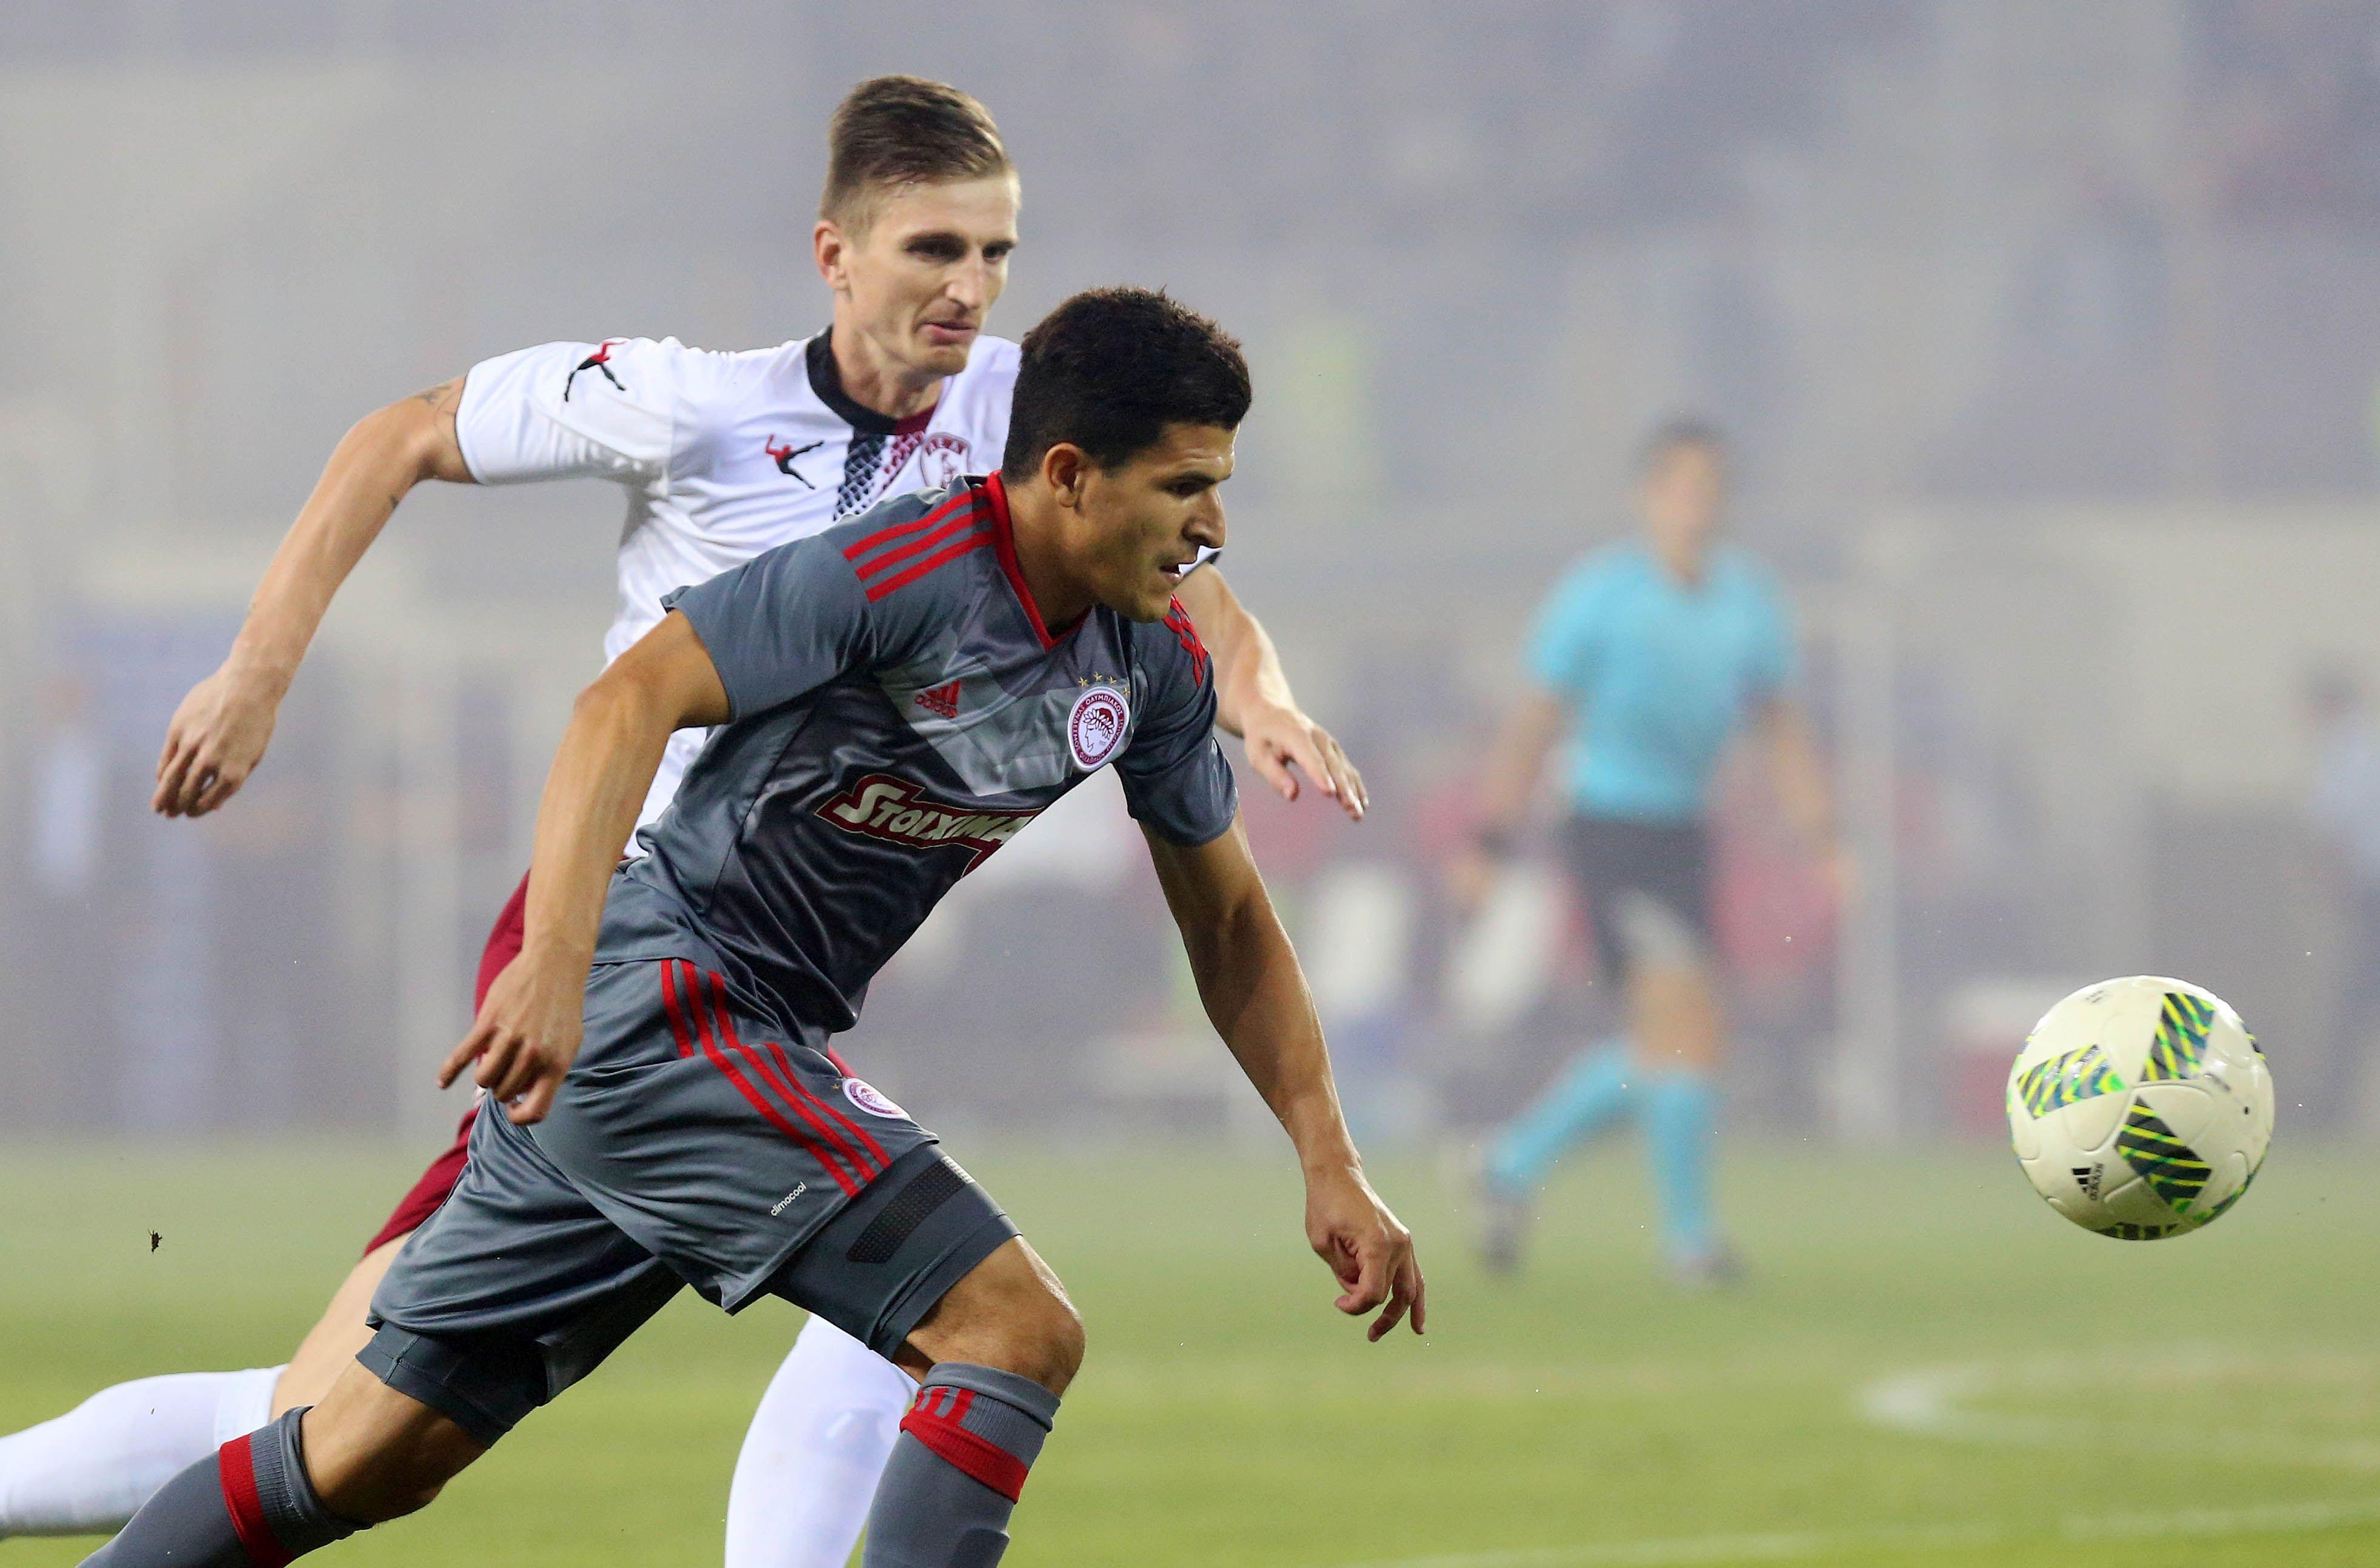 AEL – Olympiacos 1-0